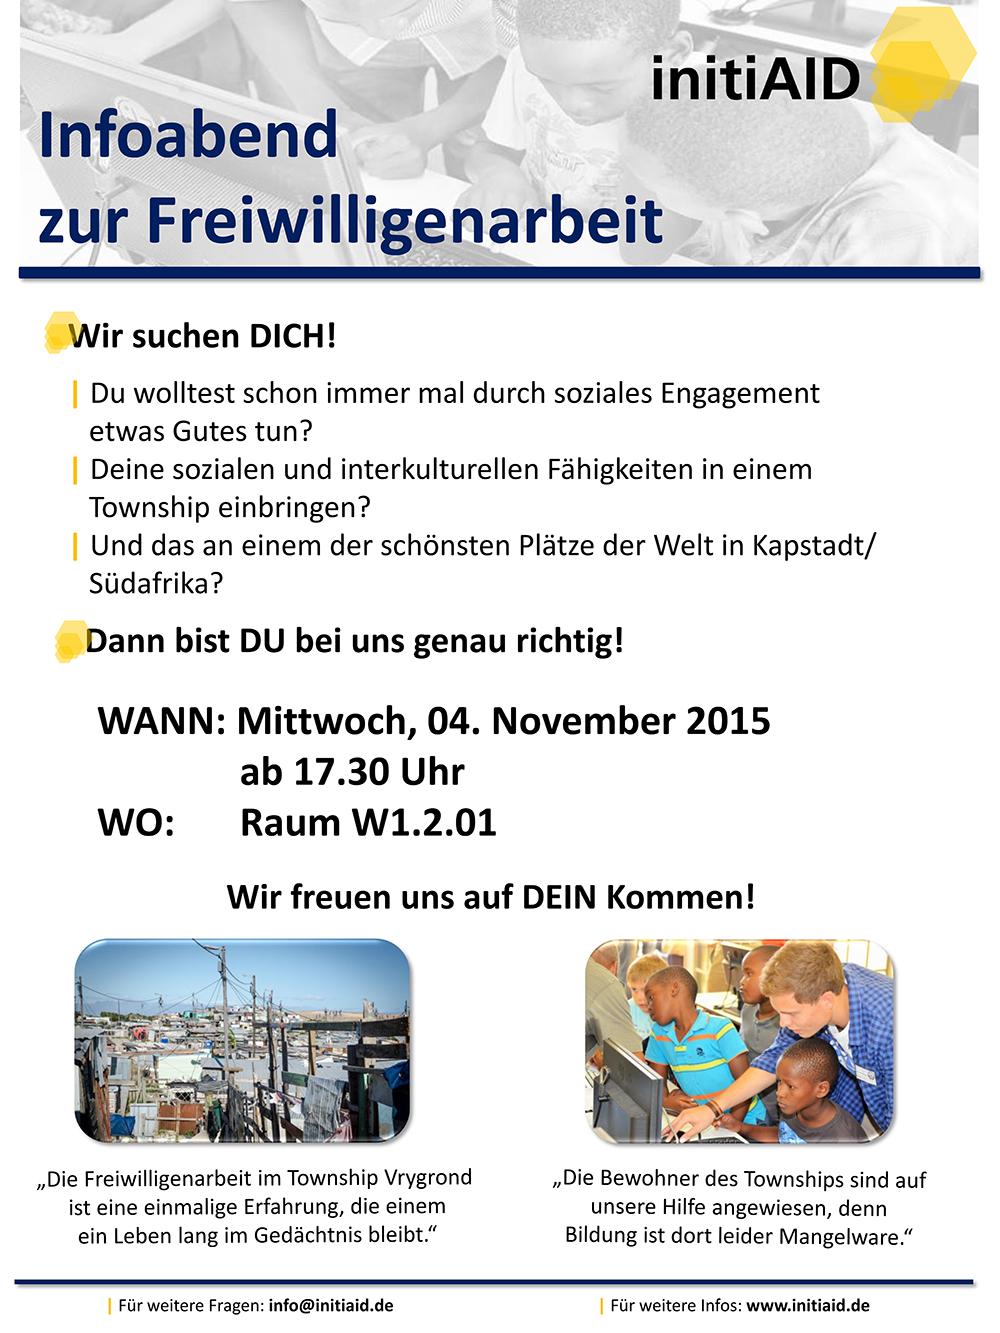 A3 Plakat Infoabend zur Freiwilligenarbeit